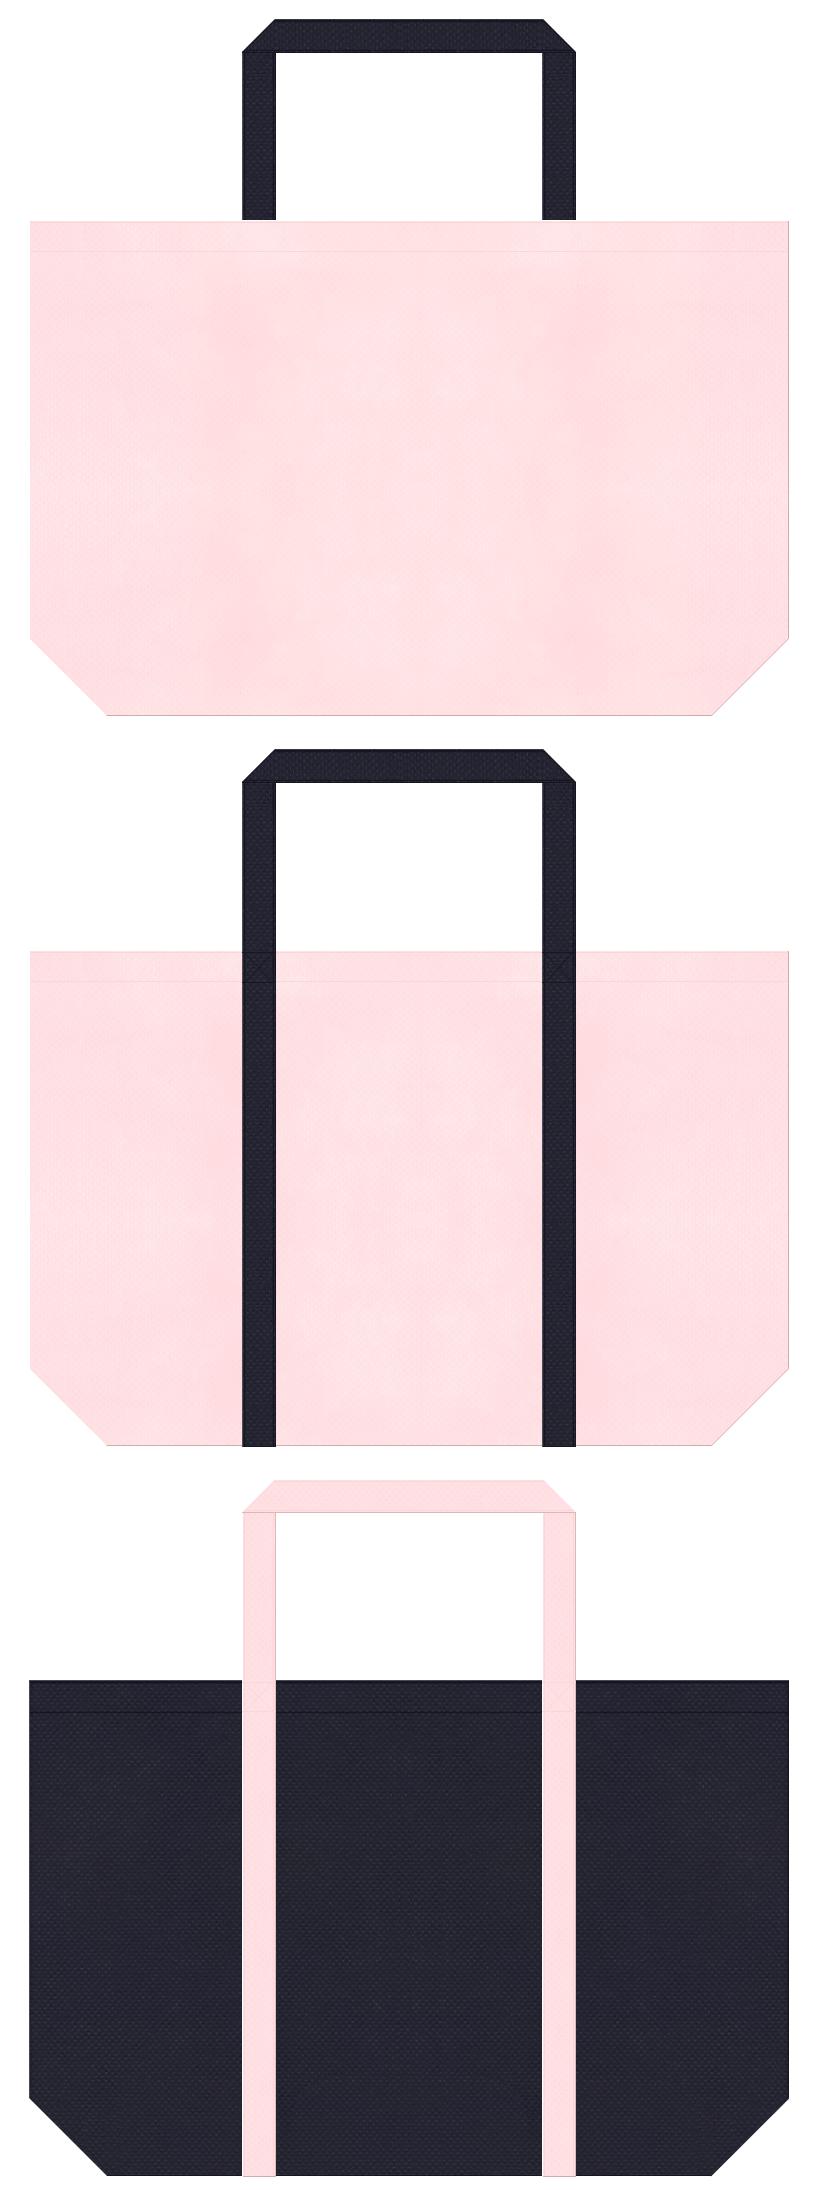 桜色と濃紺色の不織布バッグデザイン。女子制服・ユニフォームのショッピングバッグにお奨めです。